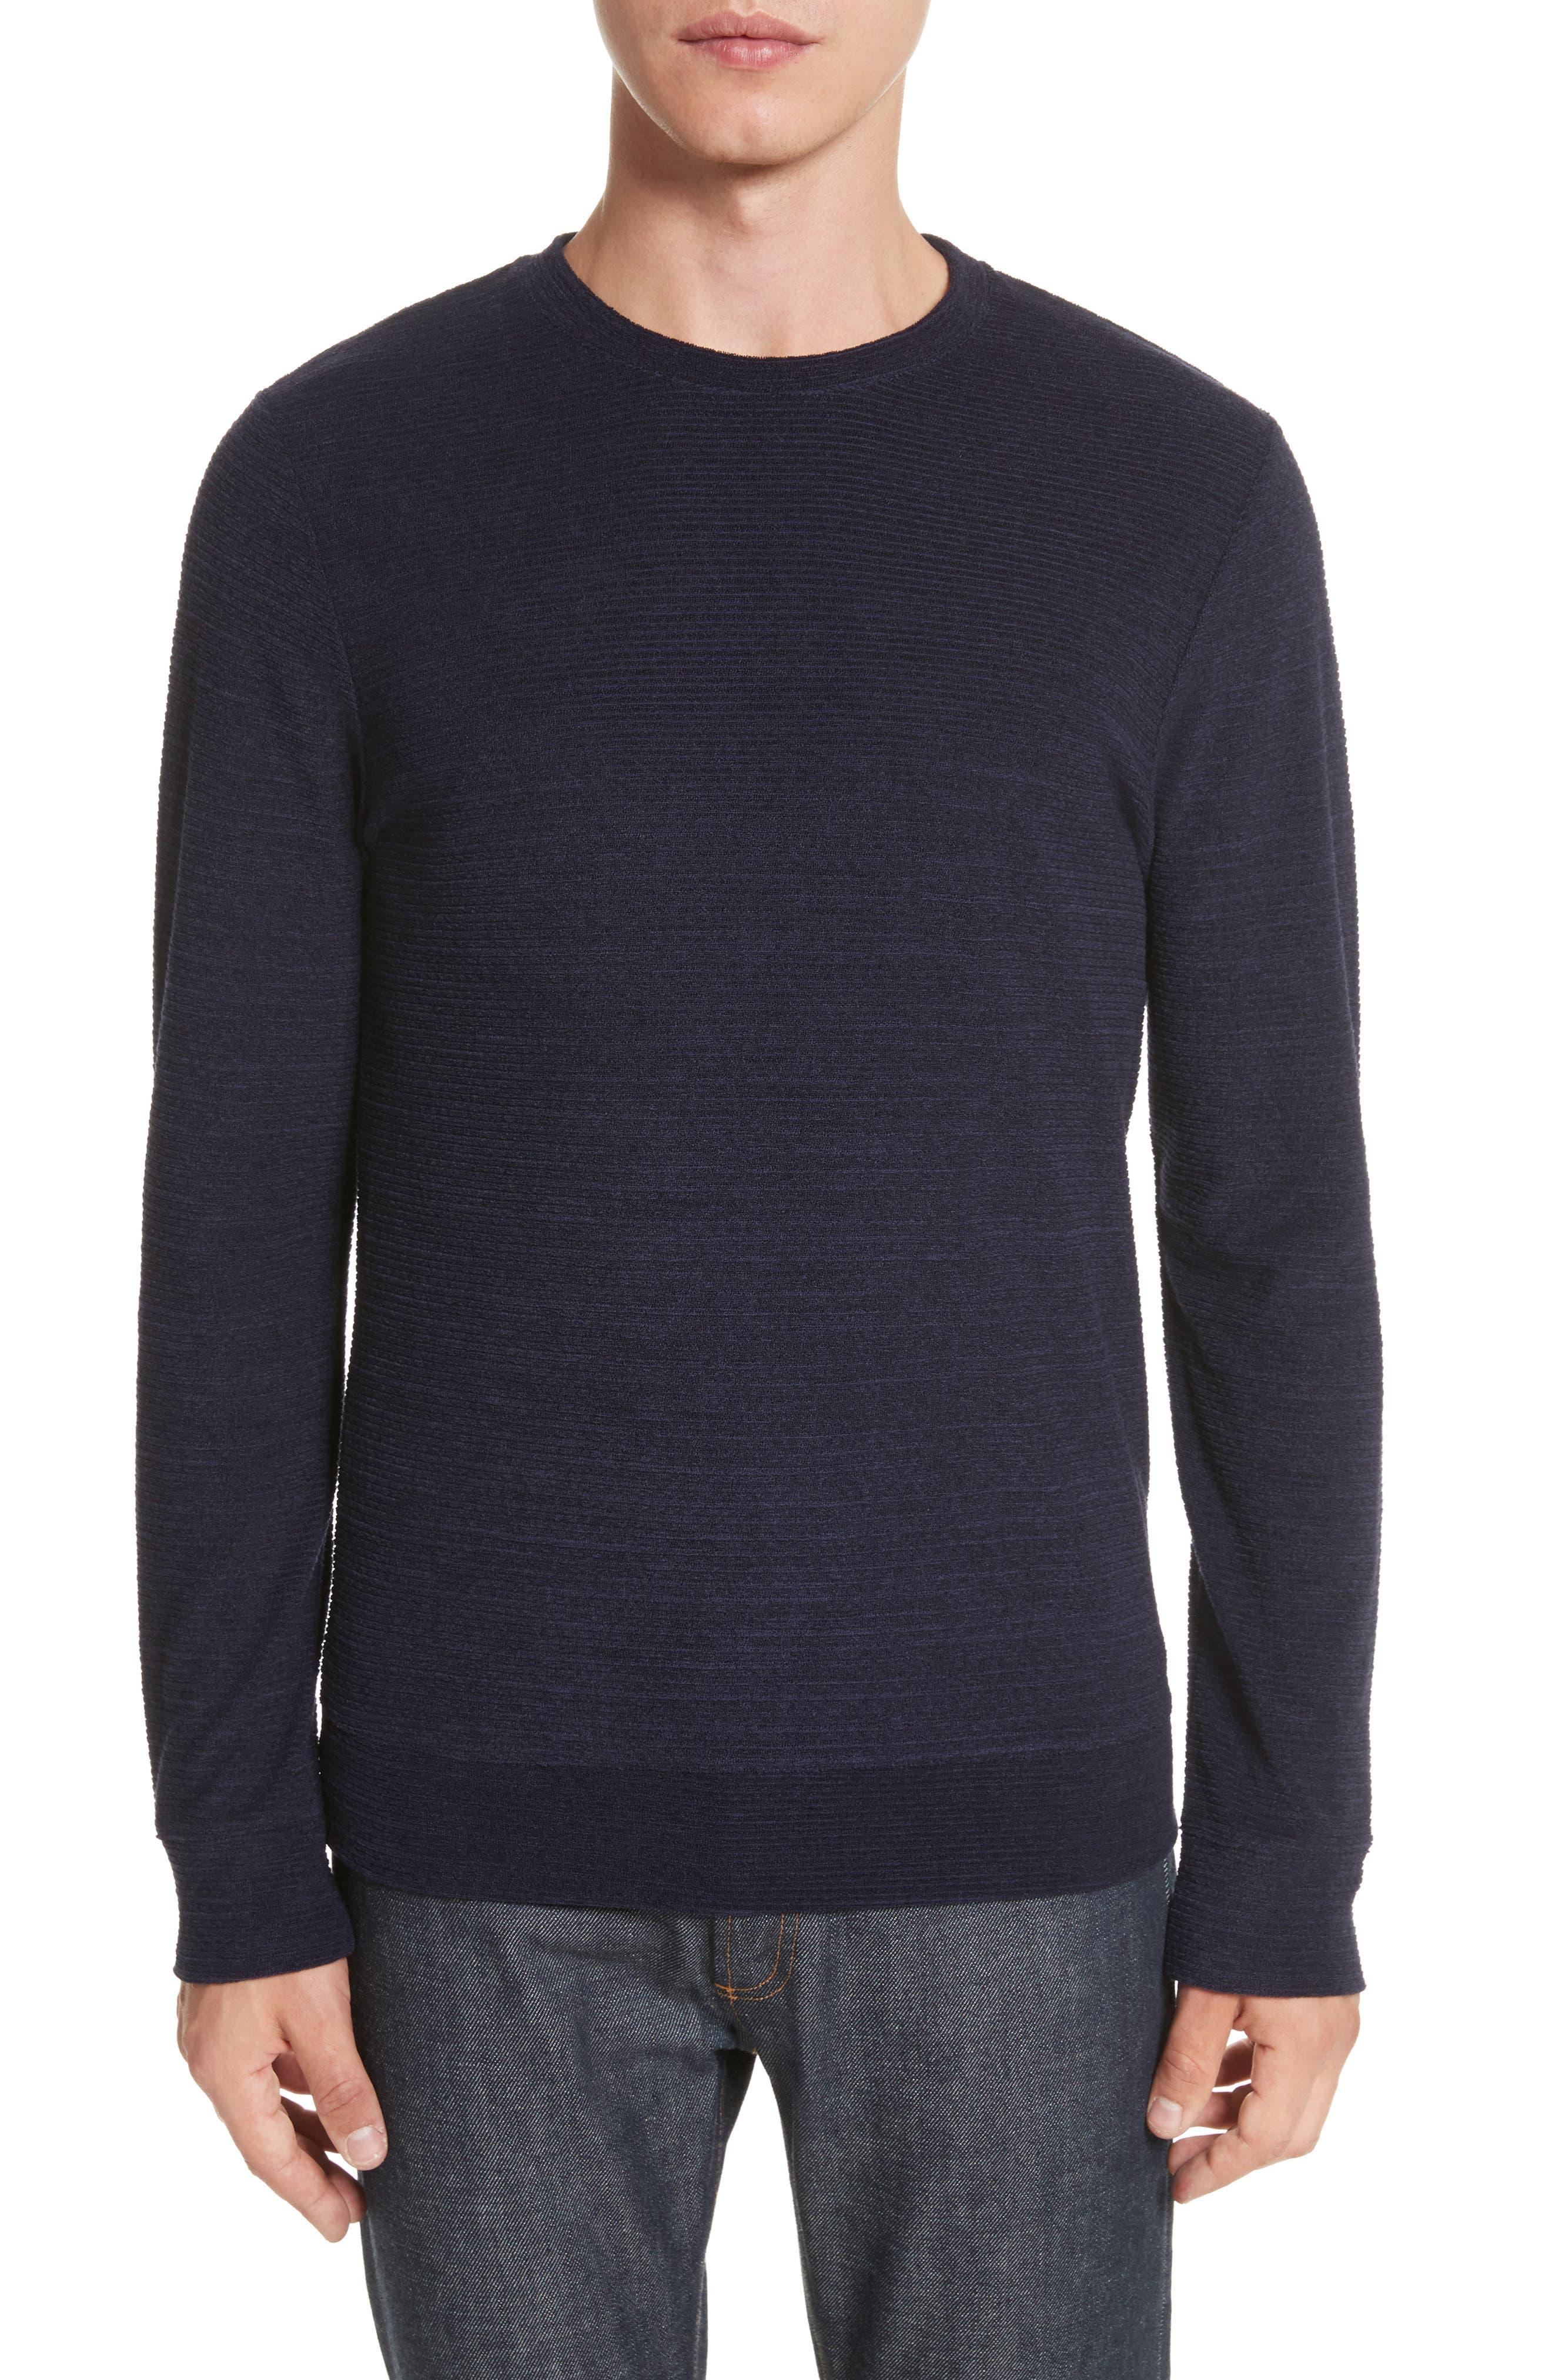 Alternate Image 1 Selected - A.P.C. Jeremie Crewneck Sweater